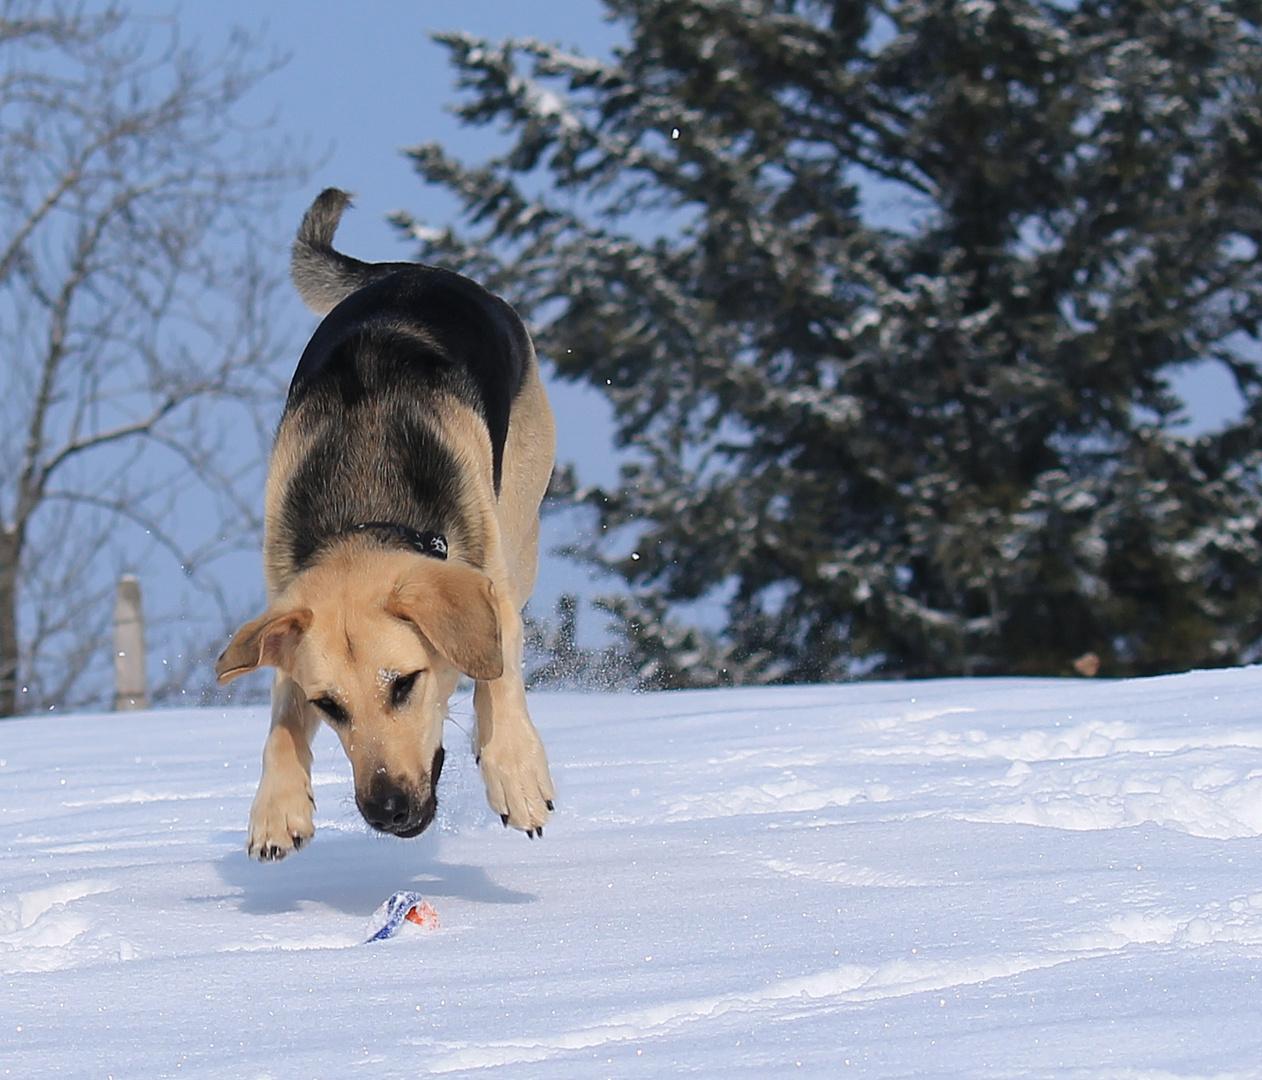 Action im Schnee 2